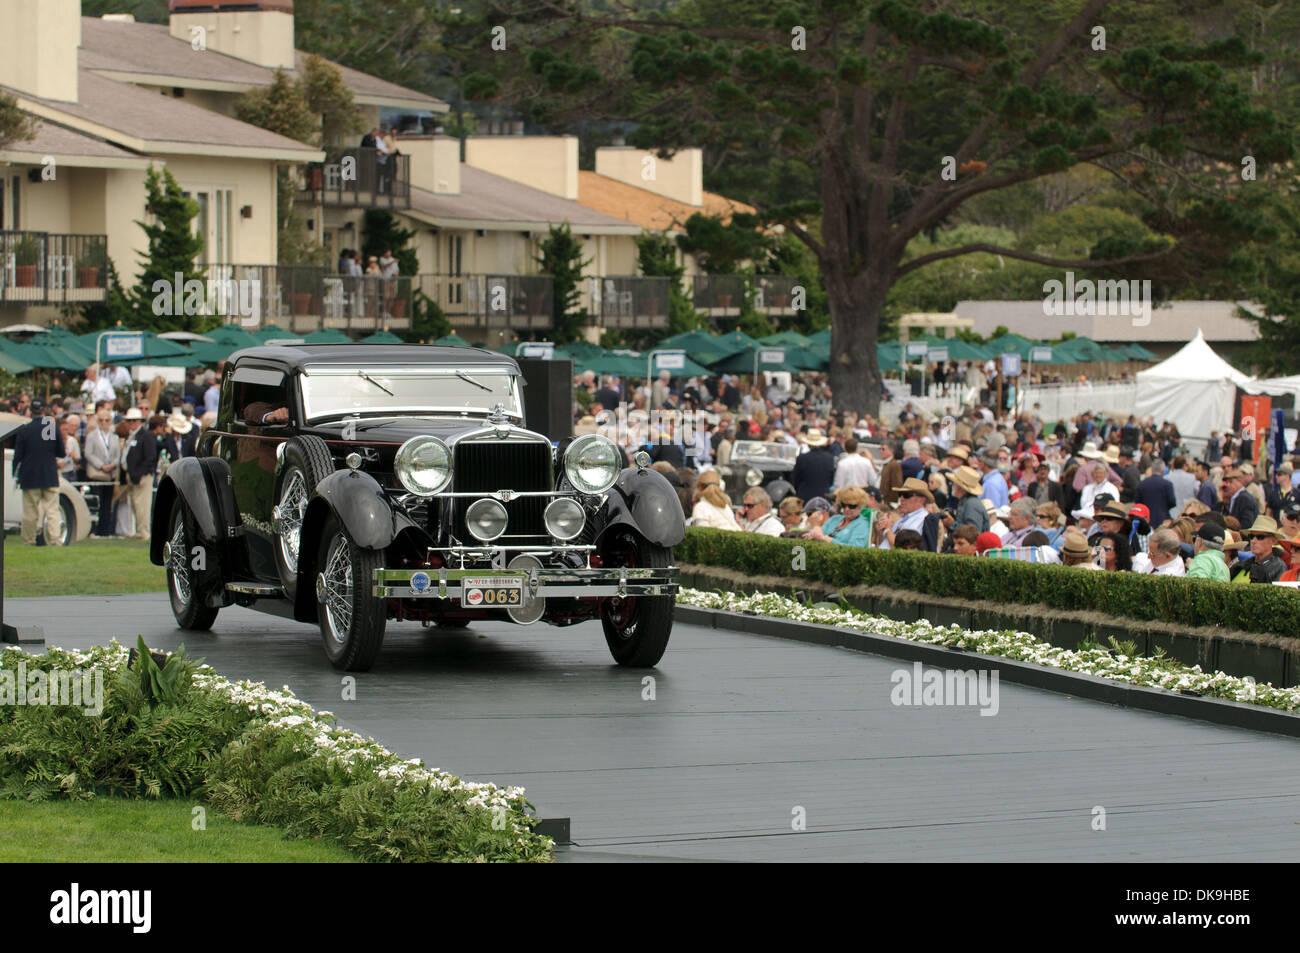 Aug. 21, 2011 - Pebble Beach, California, U.S. - Vintage cars ...